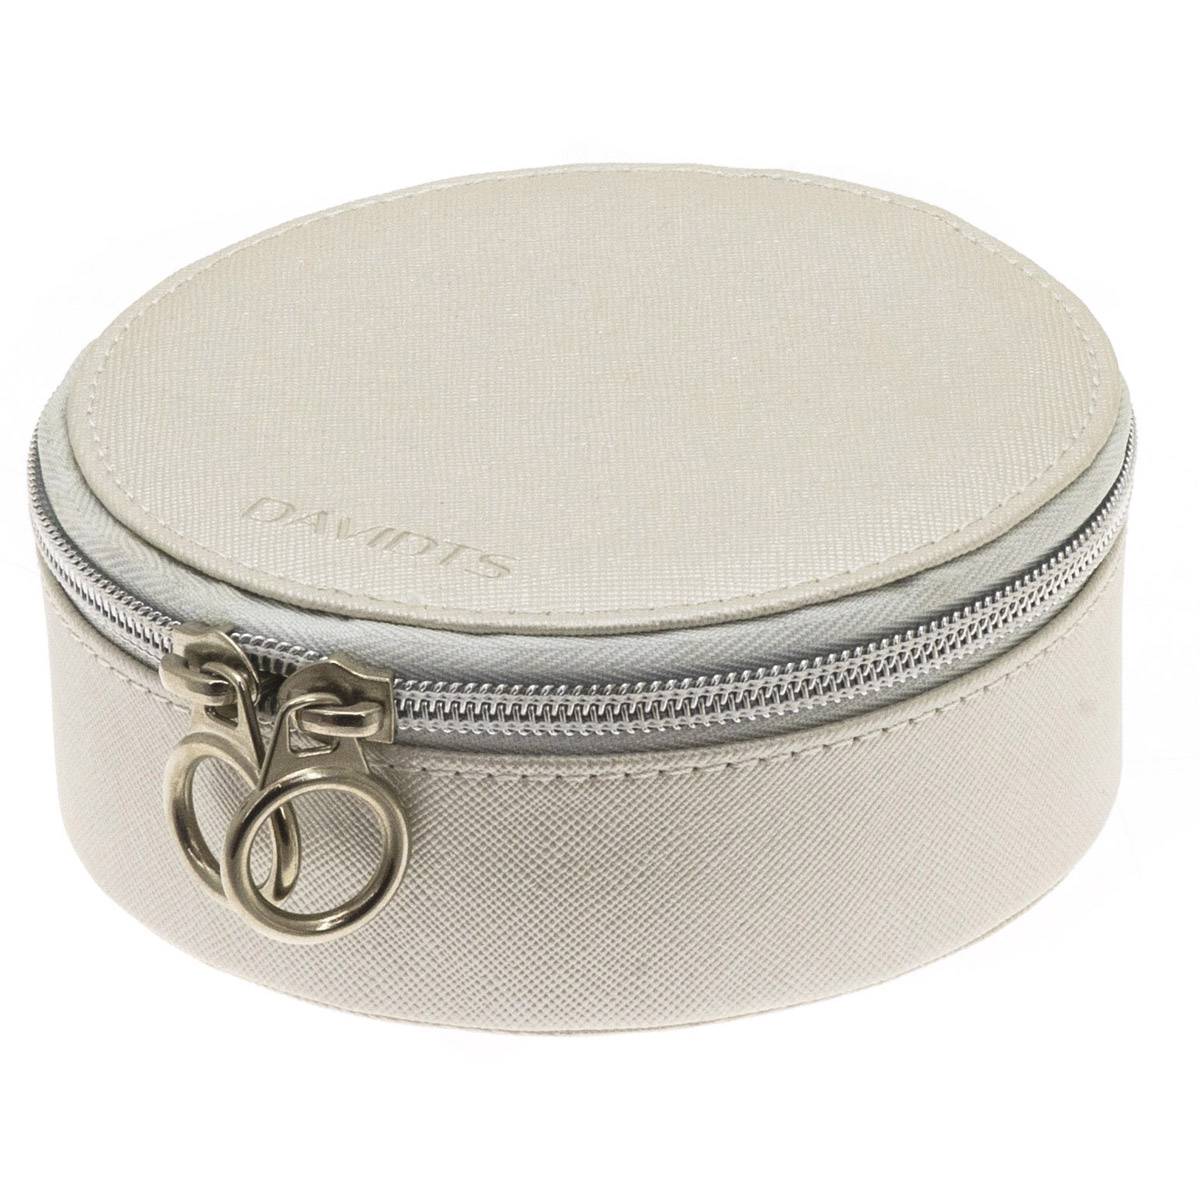 Coffret à bijoux zippé \'Zip\'n go\' beige satiné - 135x7 cm - [Q9141]